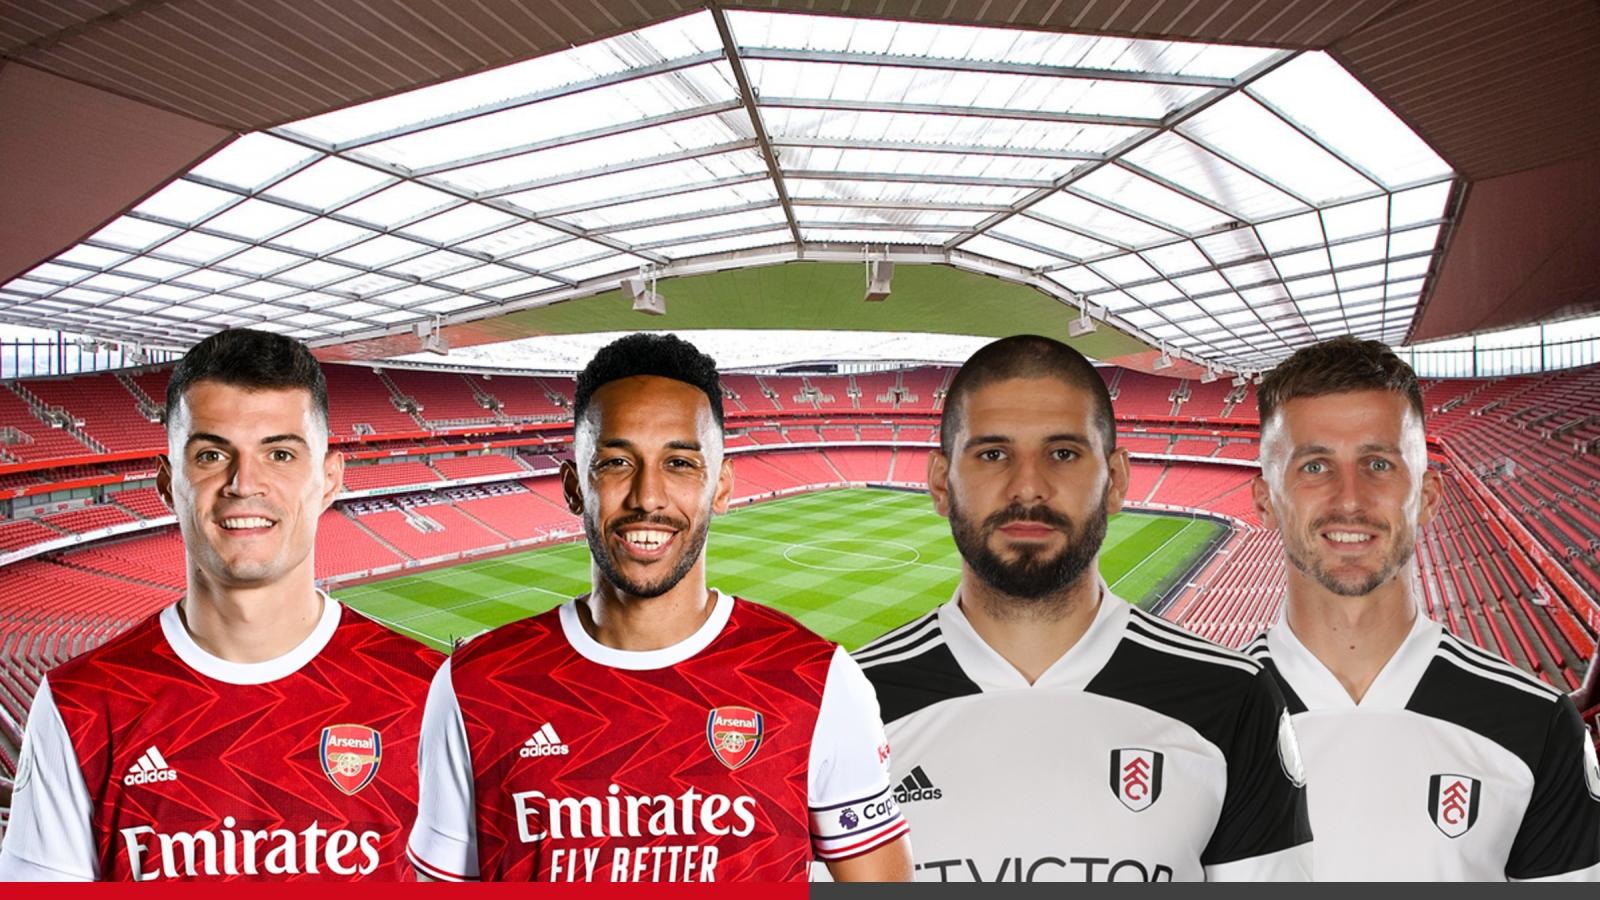 Dự đoán tỷ số, đội hình xuất phát trận Arsenal - Fulham